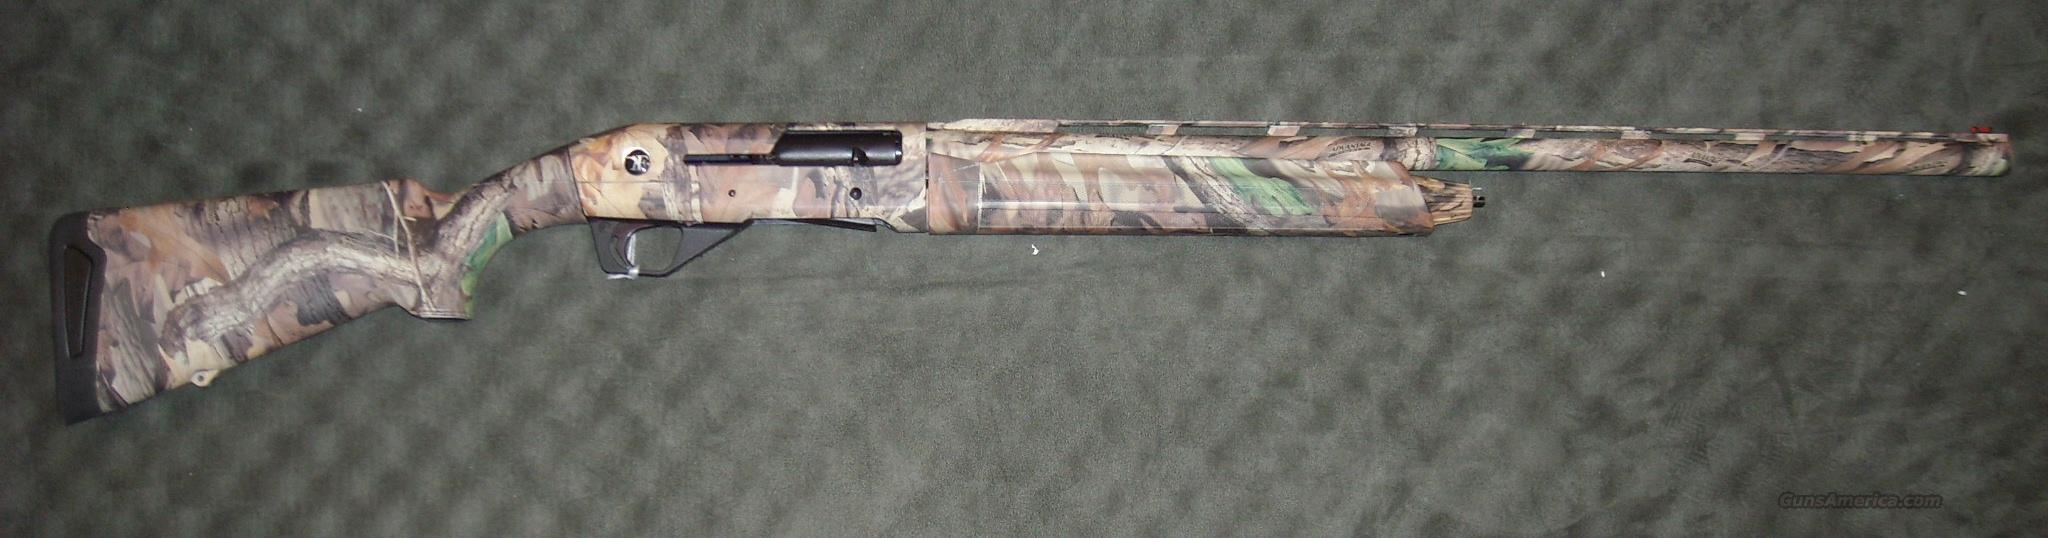 Franchi I-12 Inertia Max-4 Camo 12ga 28in  Guns > Shotguns > Franchi Shotguns > Auto/Pump > Hunting